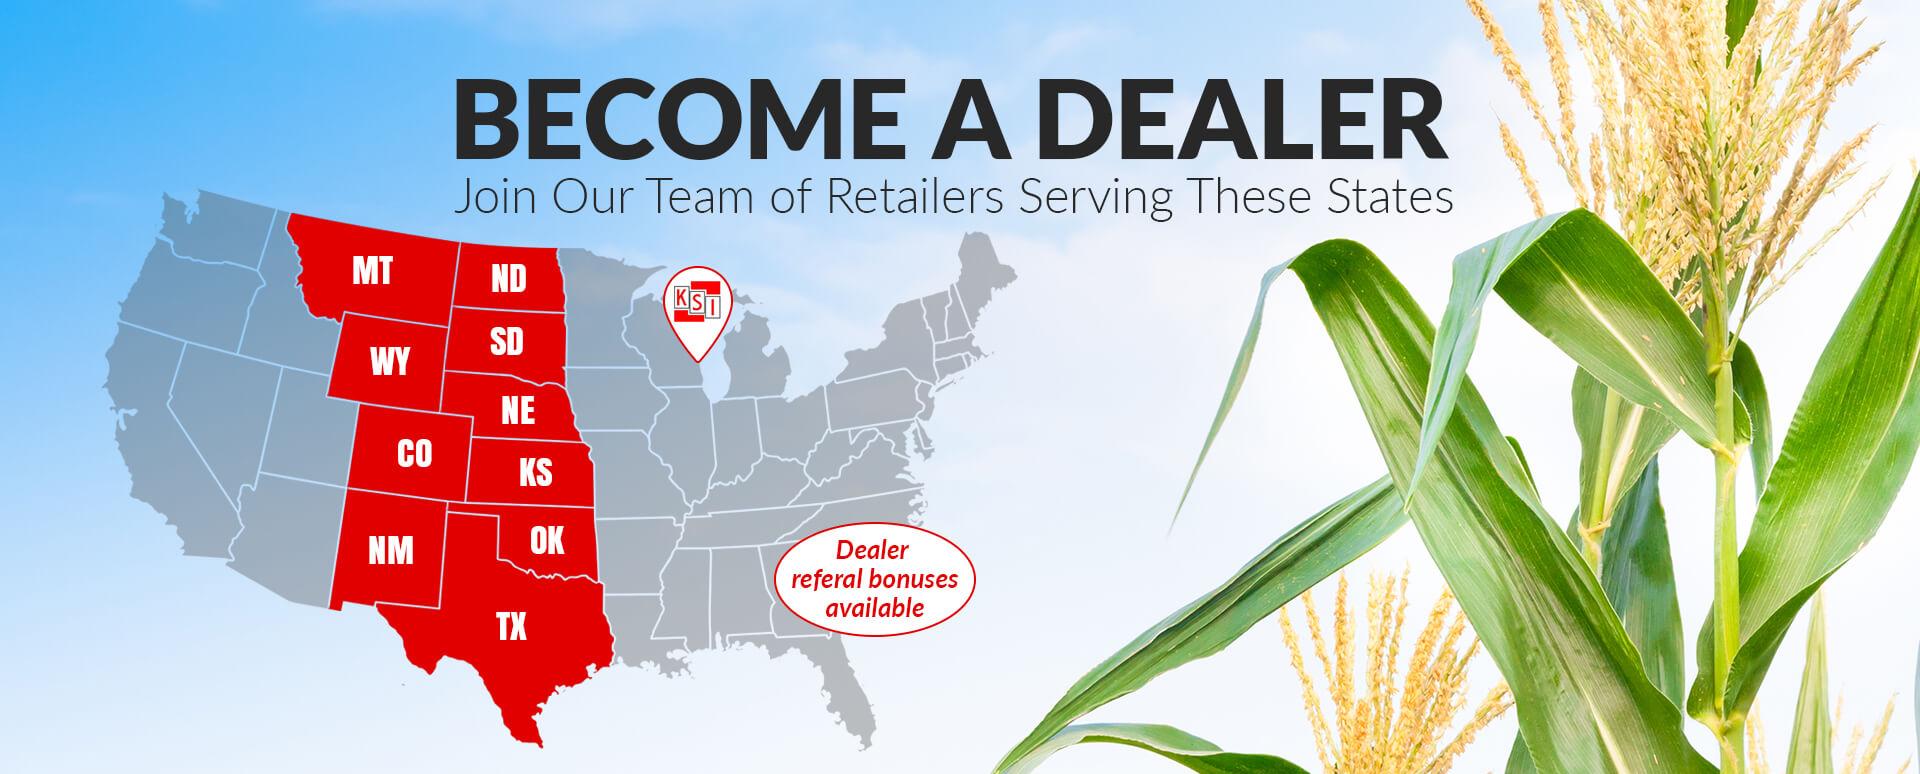 KSI Supply - Become a Dealer